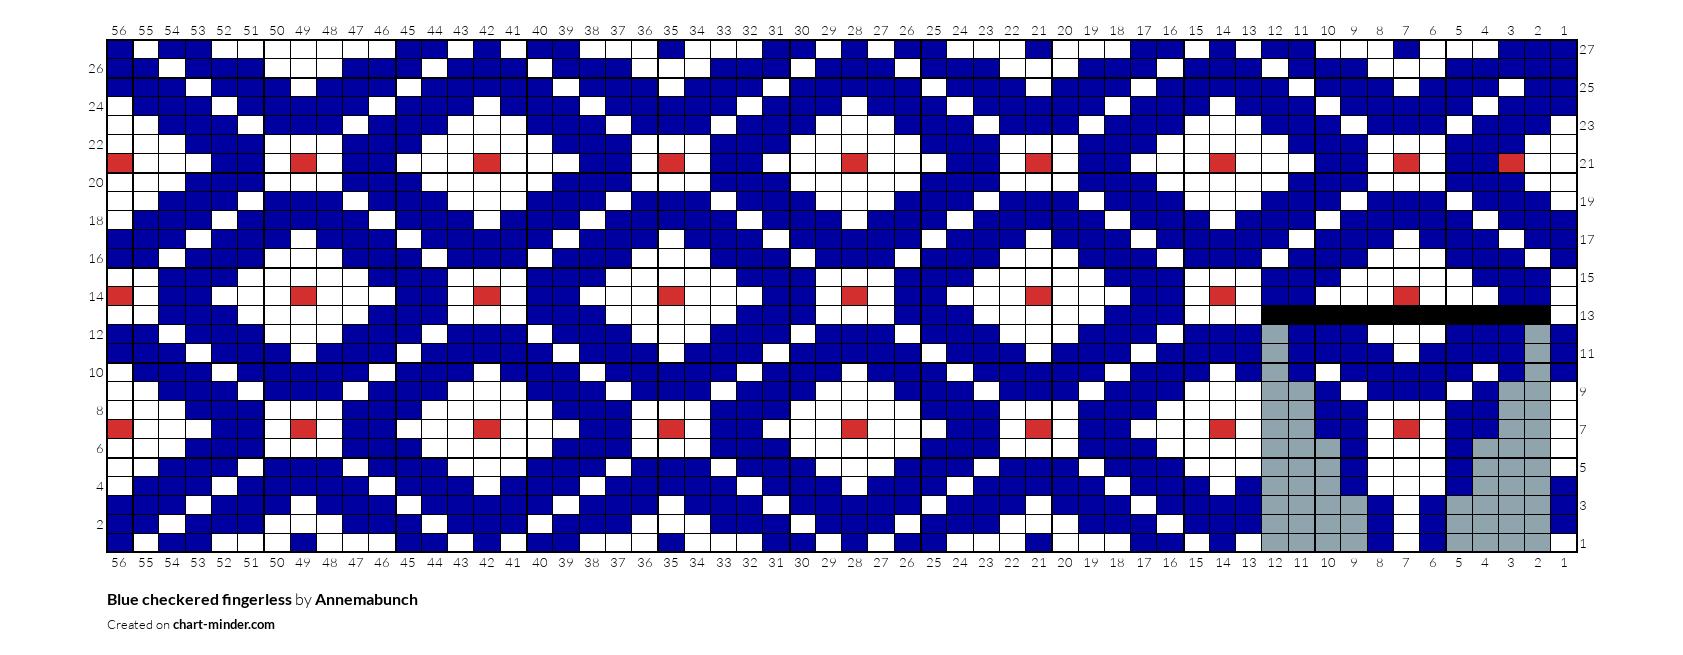 Blue checkered fingerless